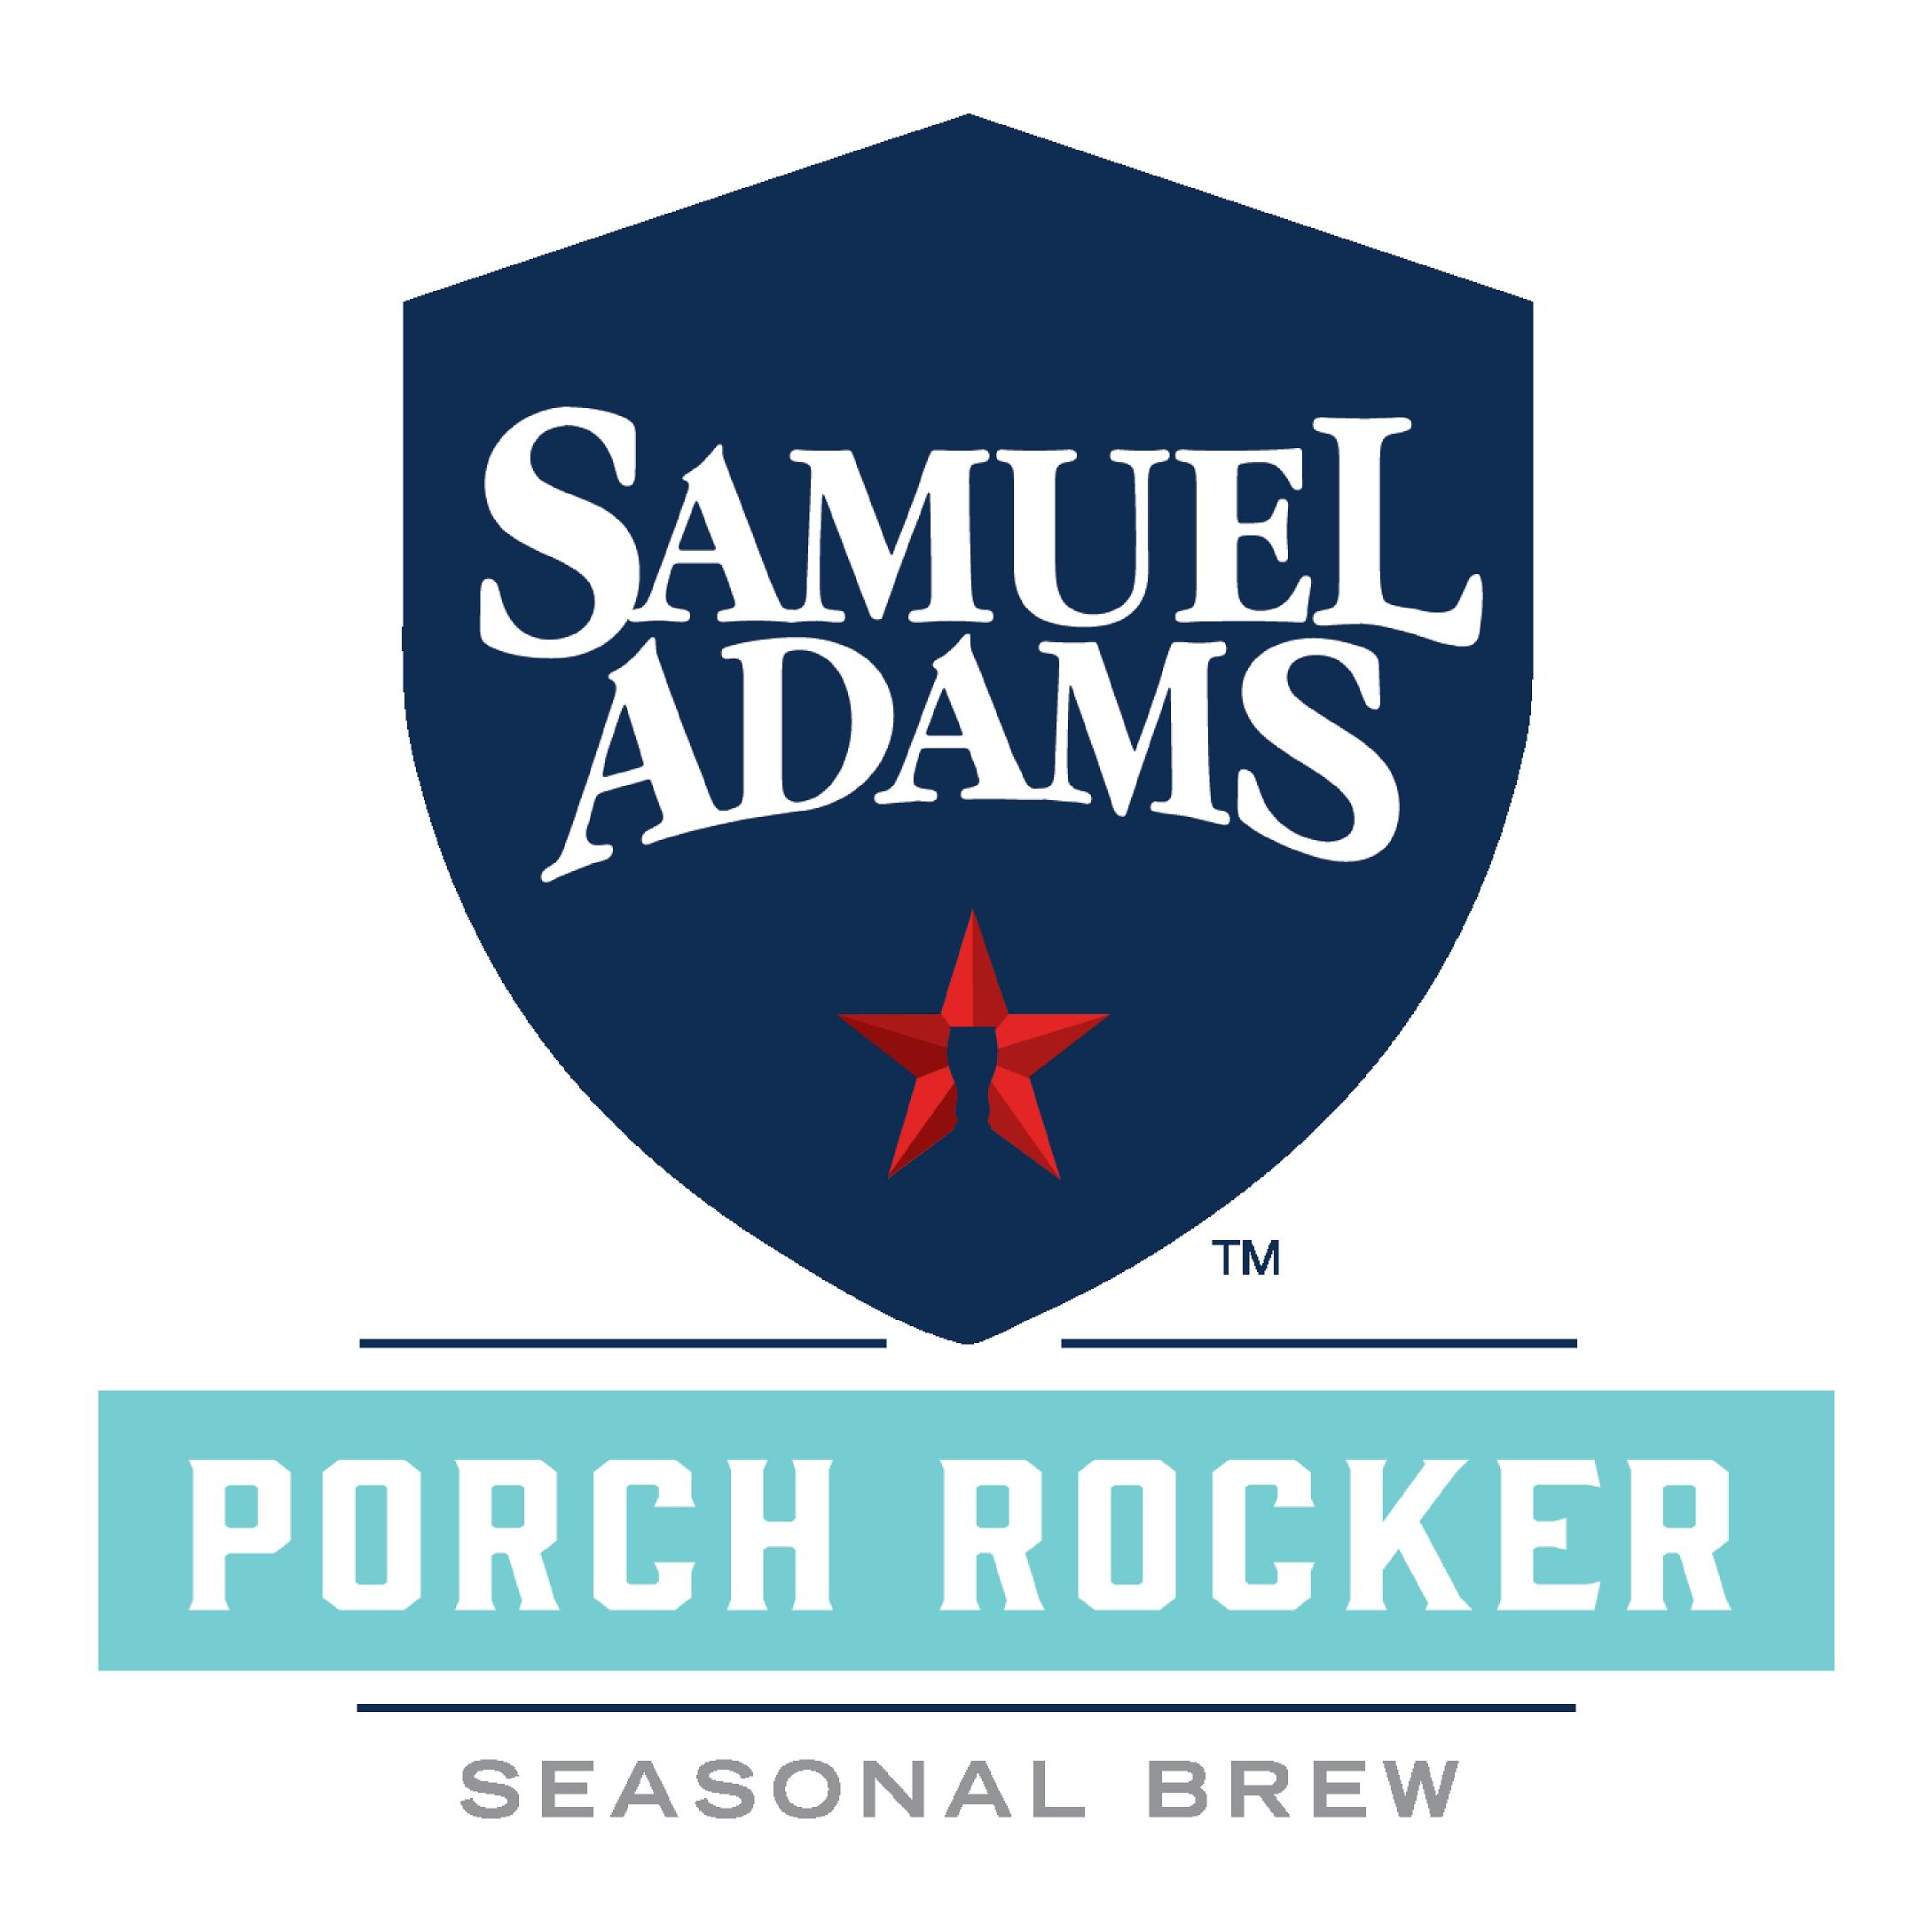 Samuel Adams Porch Rocker